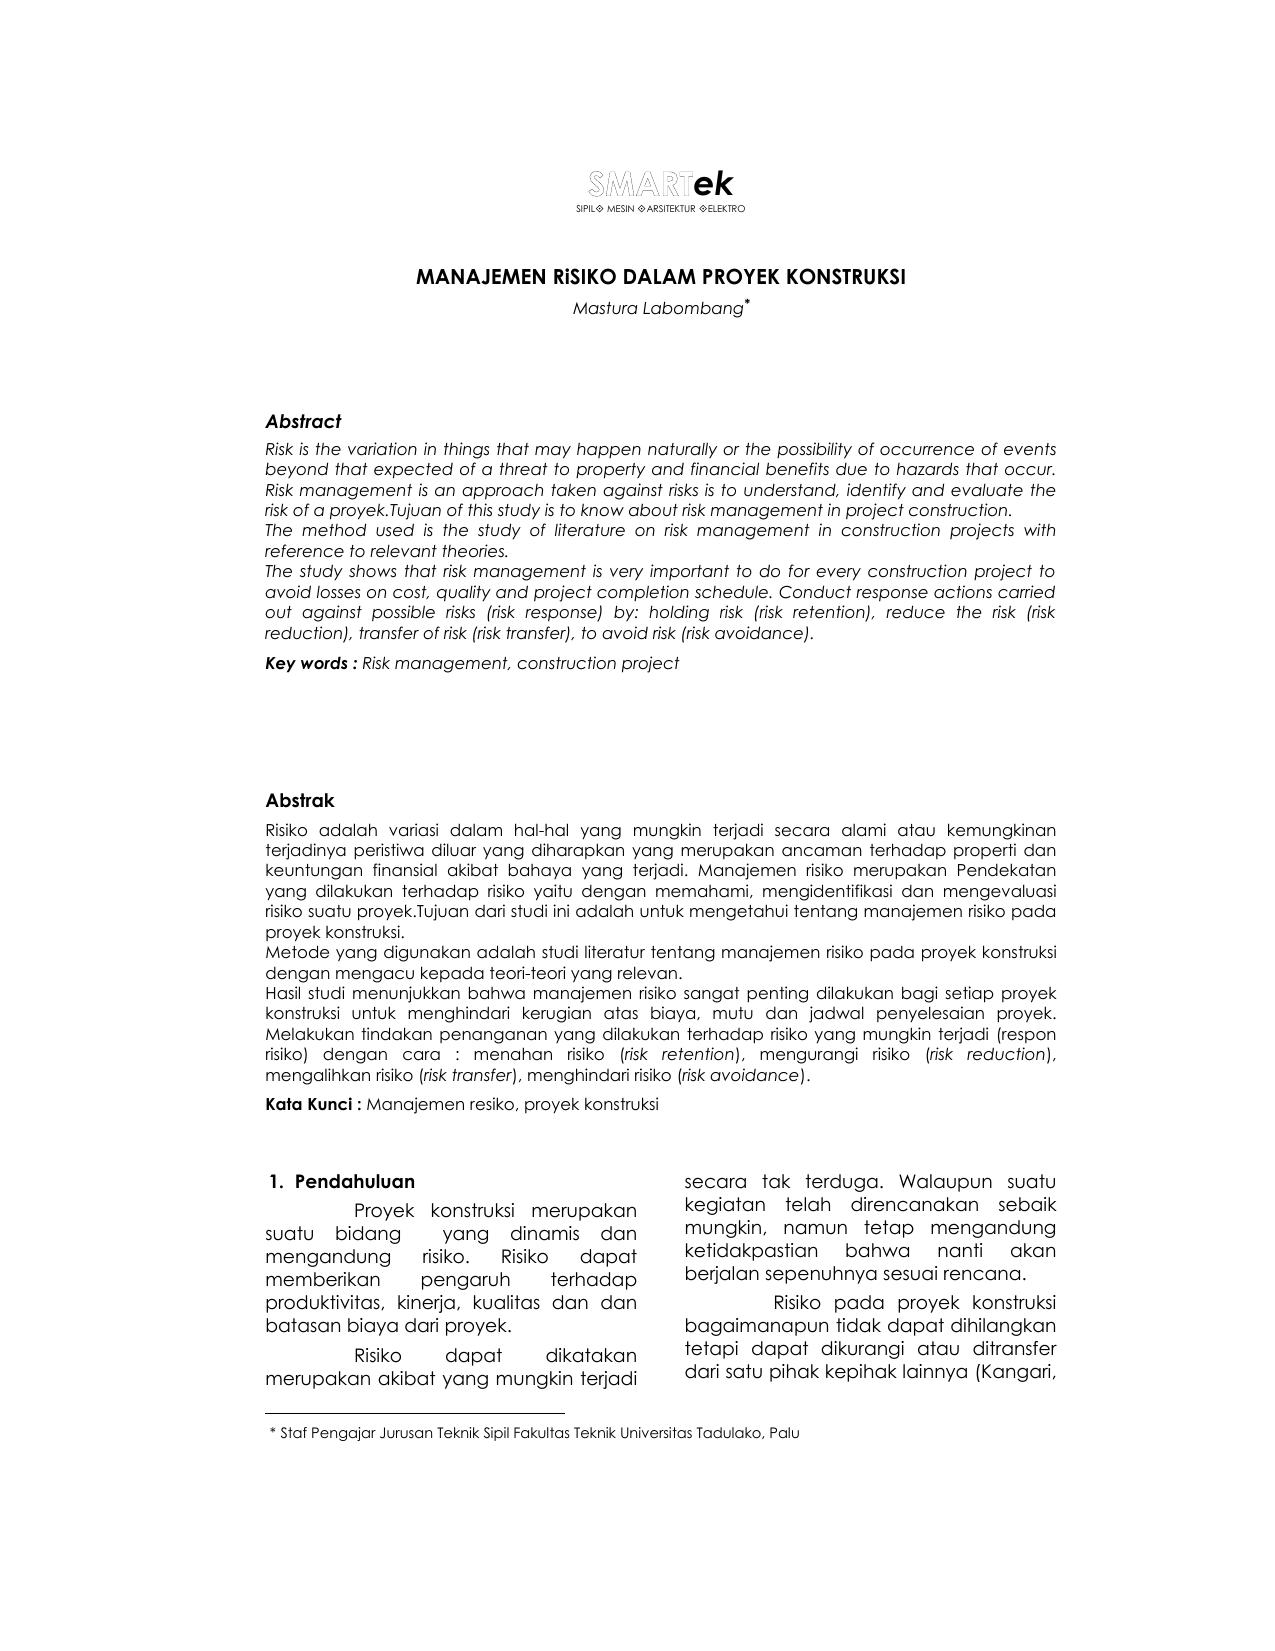 Contoh Skripsi Teknik Sipil Manajemen Konstruksi Kumpulan